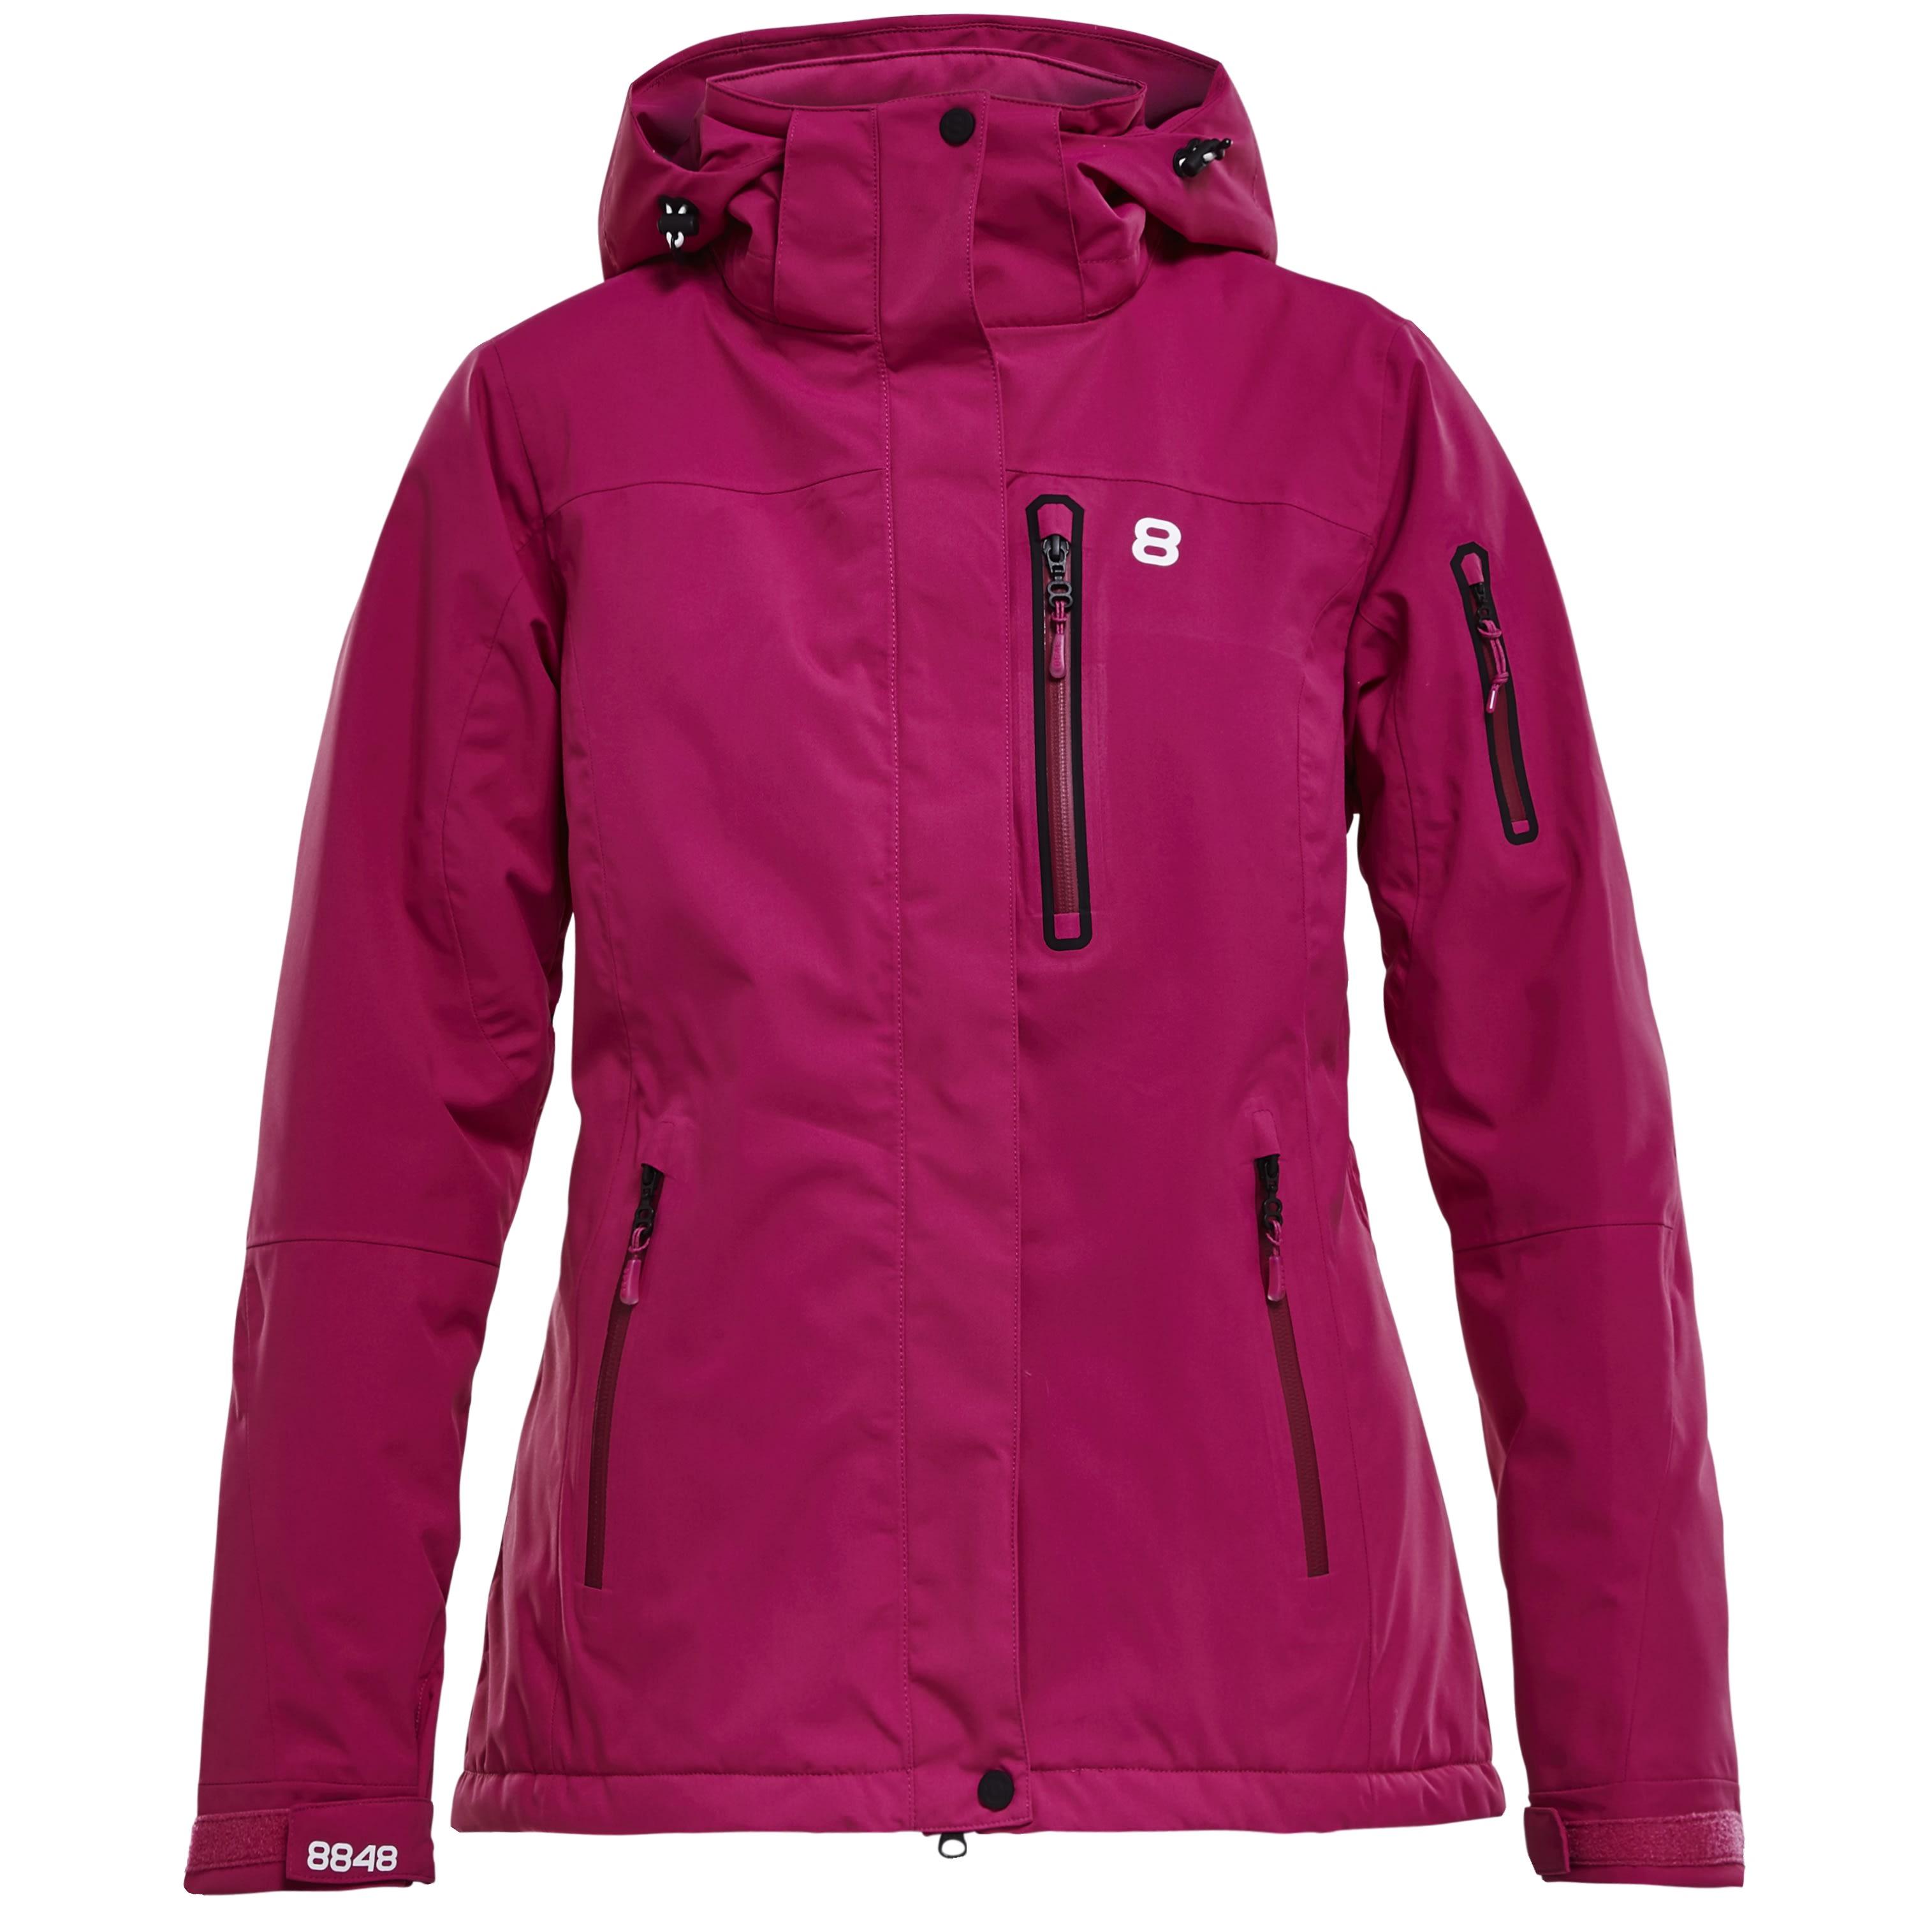 Folven Women's Jacket